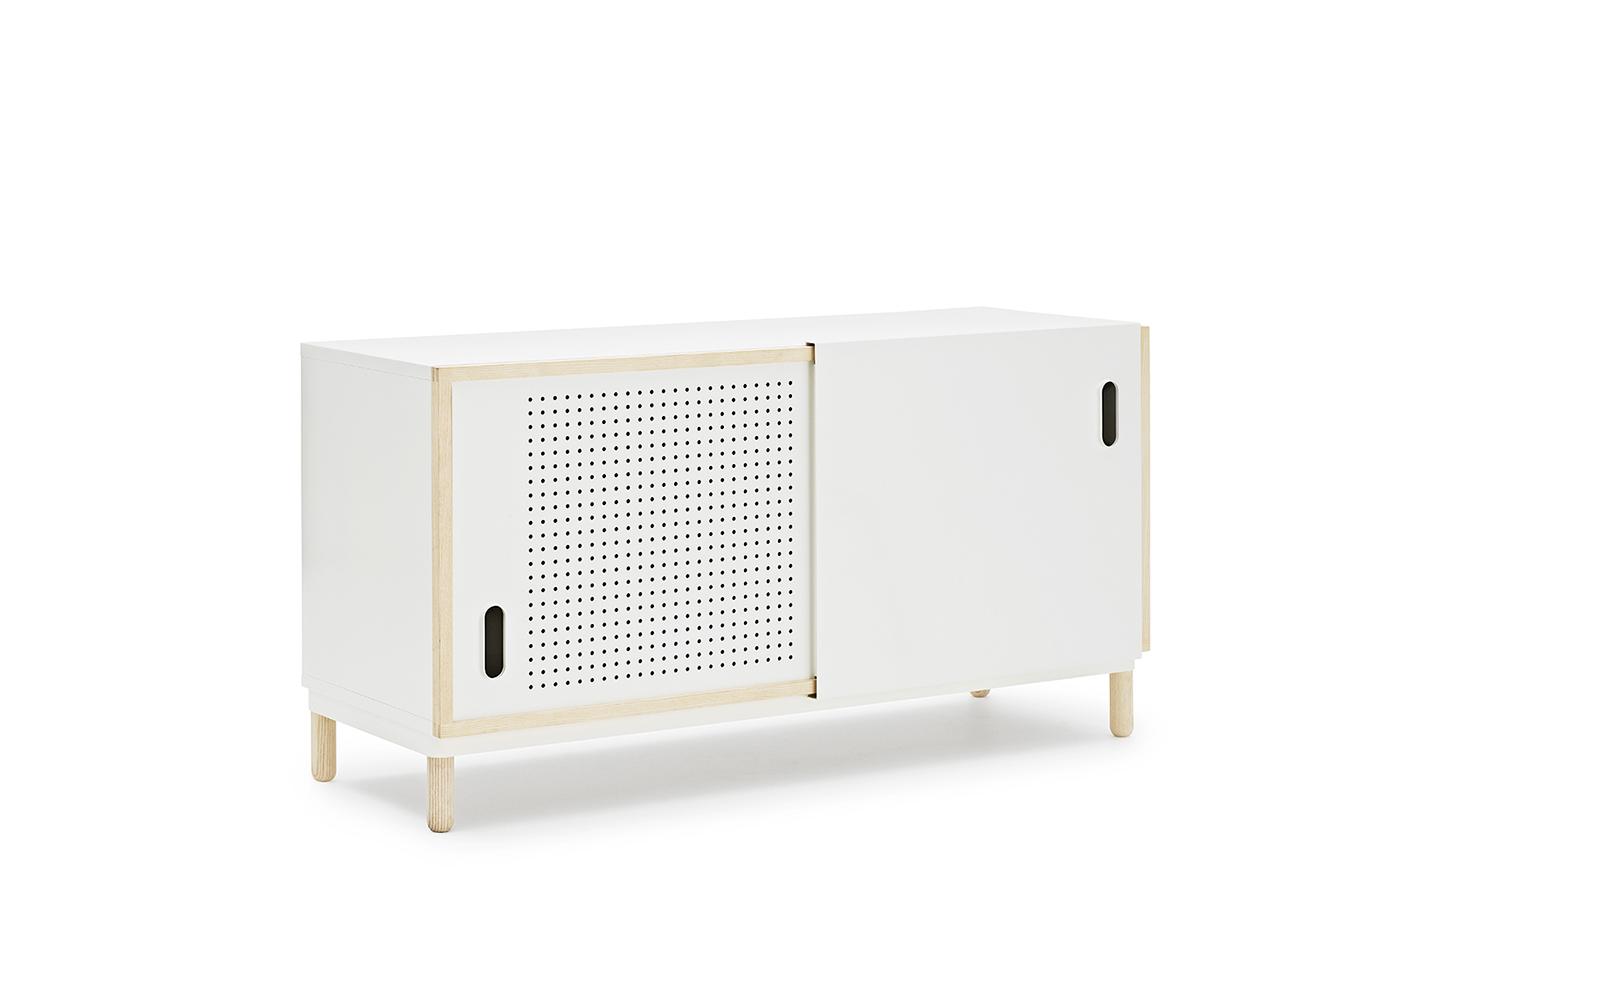 kabino sideboard in white  a versatile urban storage piece - kabino